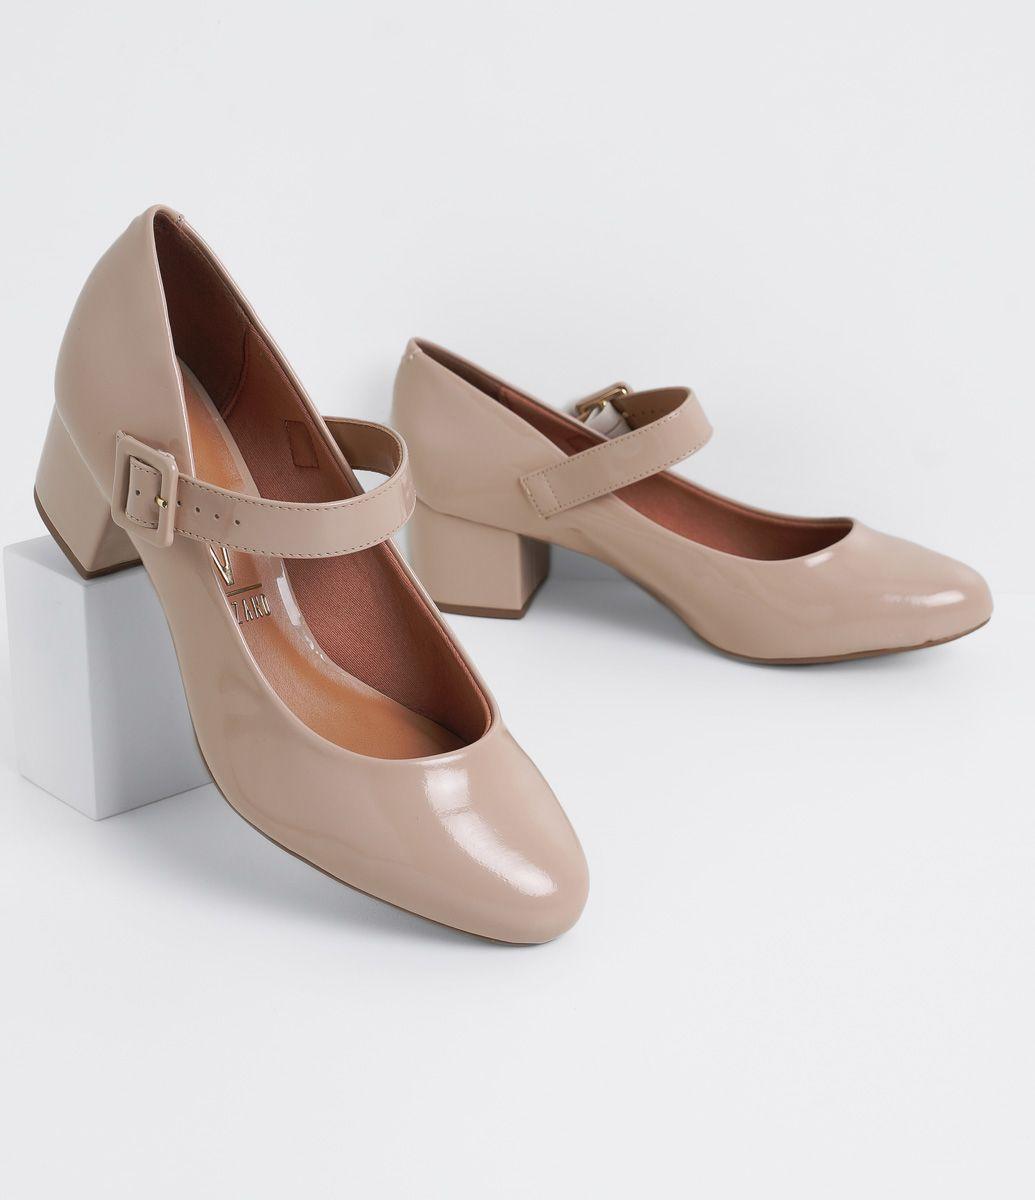 191c9619e Sapato feminino material: sintético Boneca Marca: Vizzano COLEÇÃO INVERNO  2016 Veja outras opções de sapatos femininos.